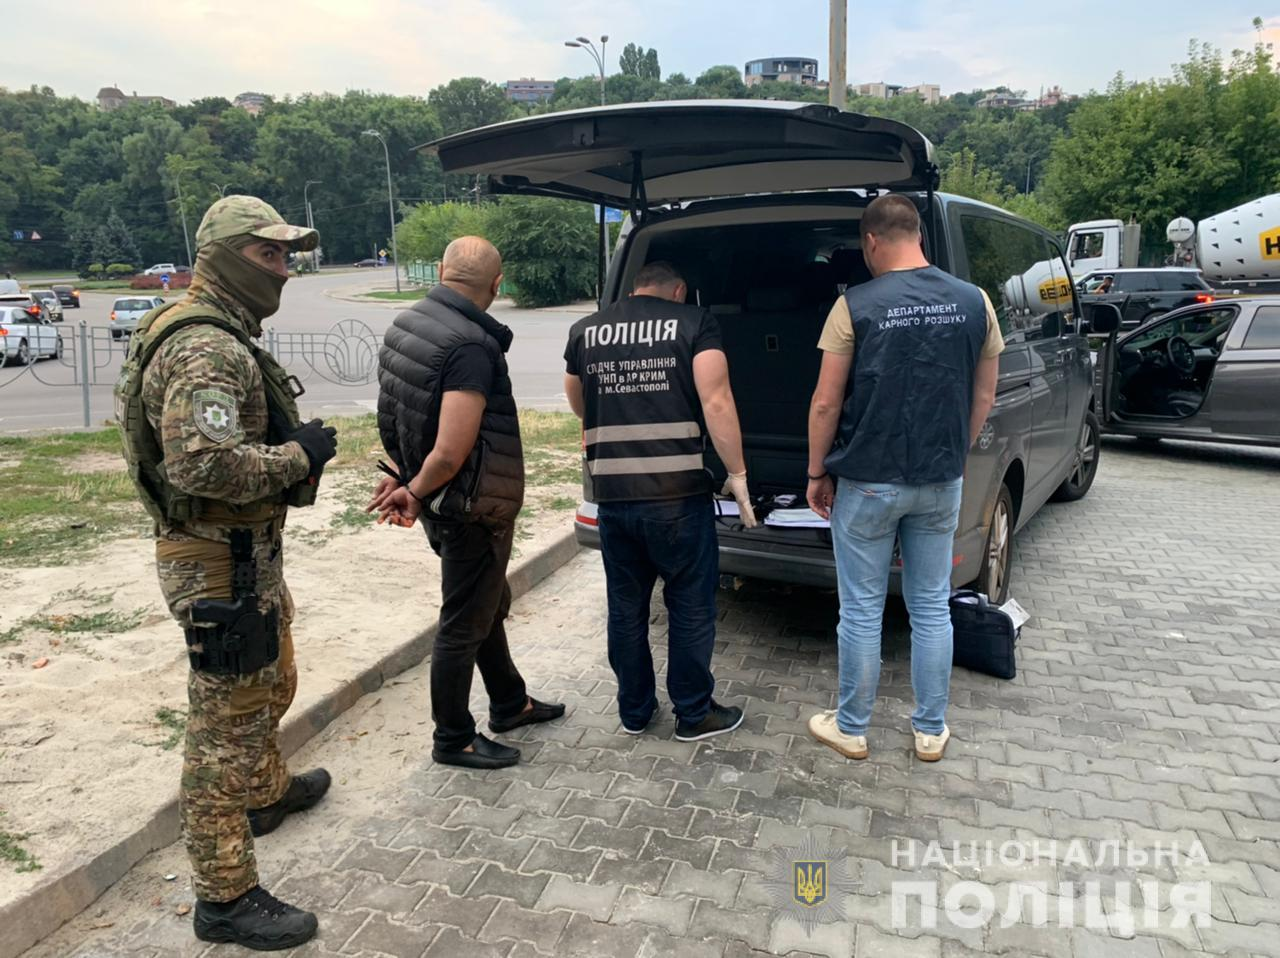 Полиция АР Крым и Департамент уголовного розыска НПУ ликвидировали международный канал поставки фальшивых долларов. Детали операции - фото 2